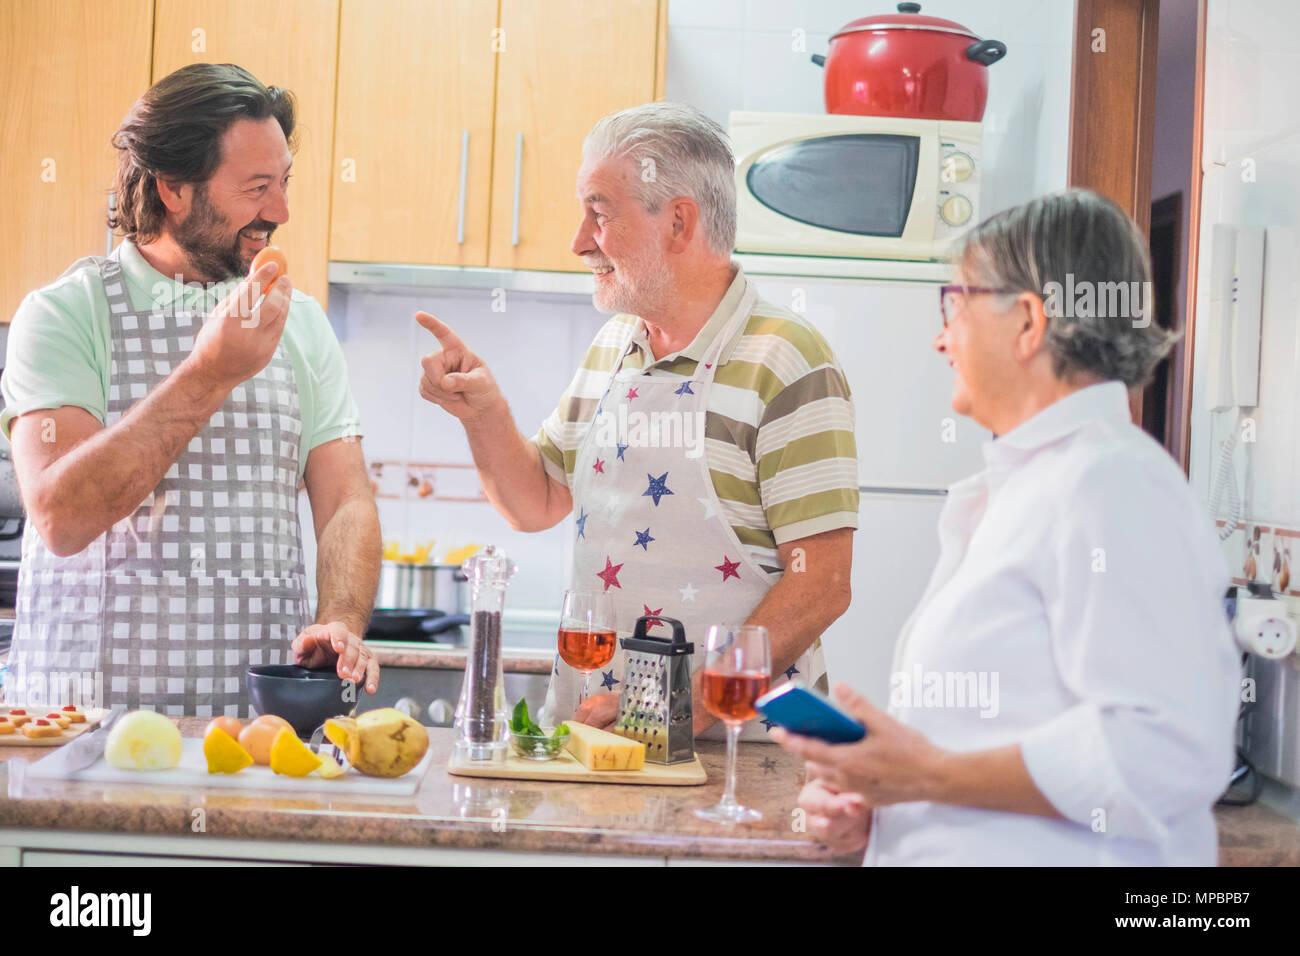 Cucina interna scena tiwh una cucina di famiglia. Padre, madre e figlio. Coppia senior e persone di mezza età maschio. Scherzando e raccontare quotidianamente concetto. Immagini Stock